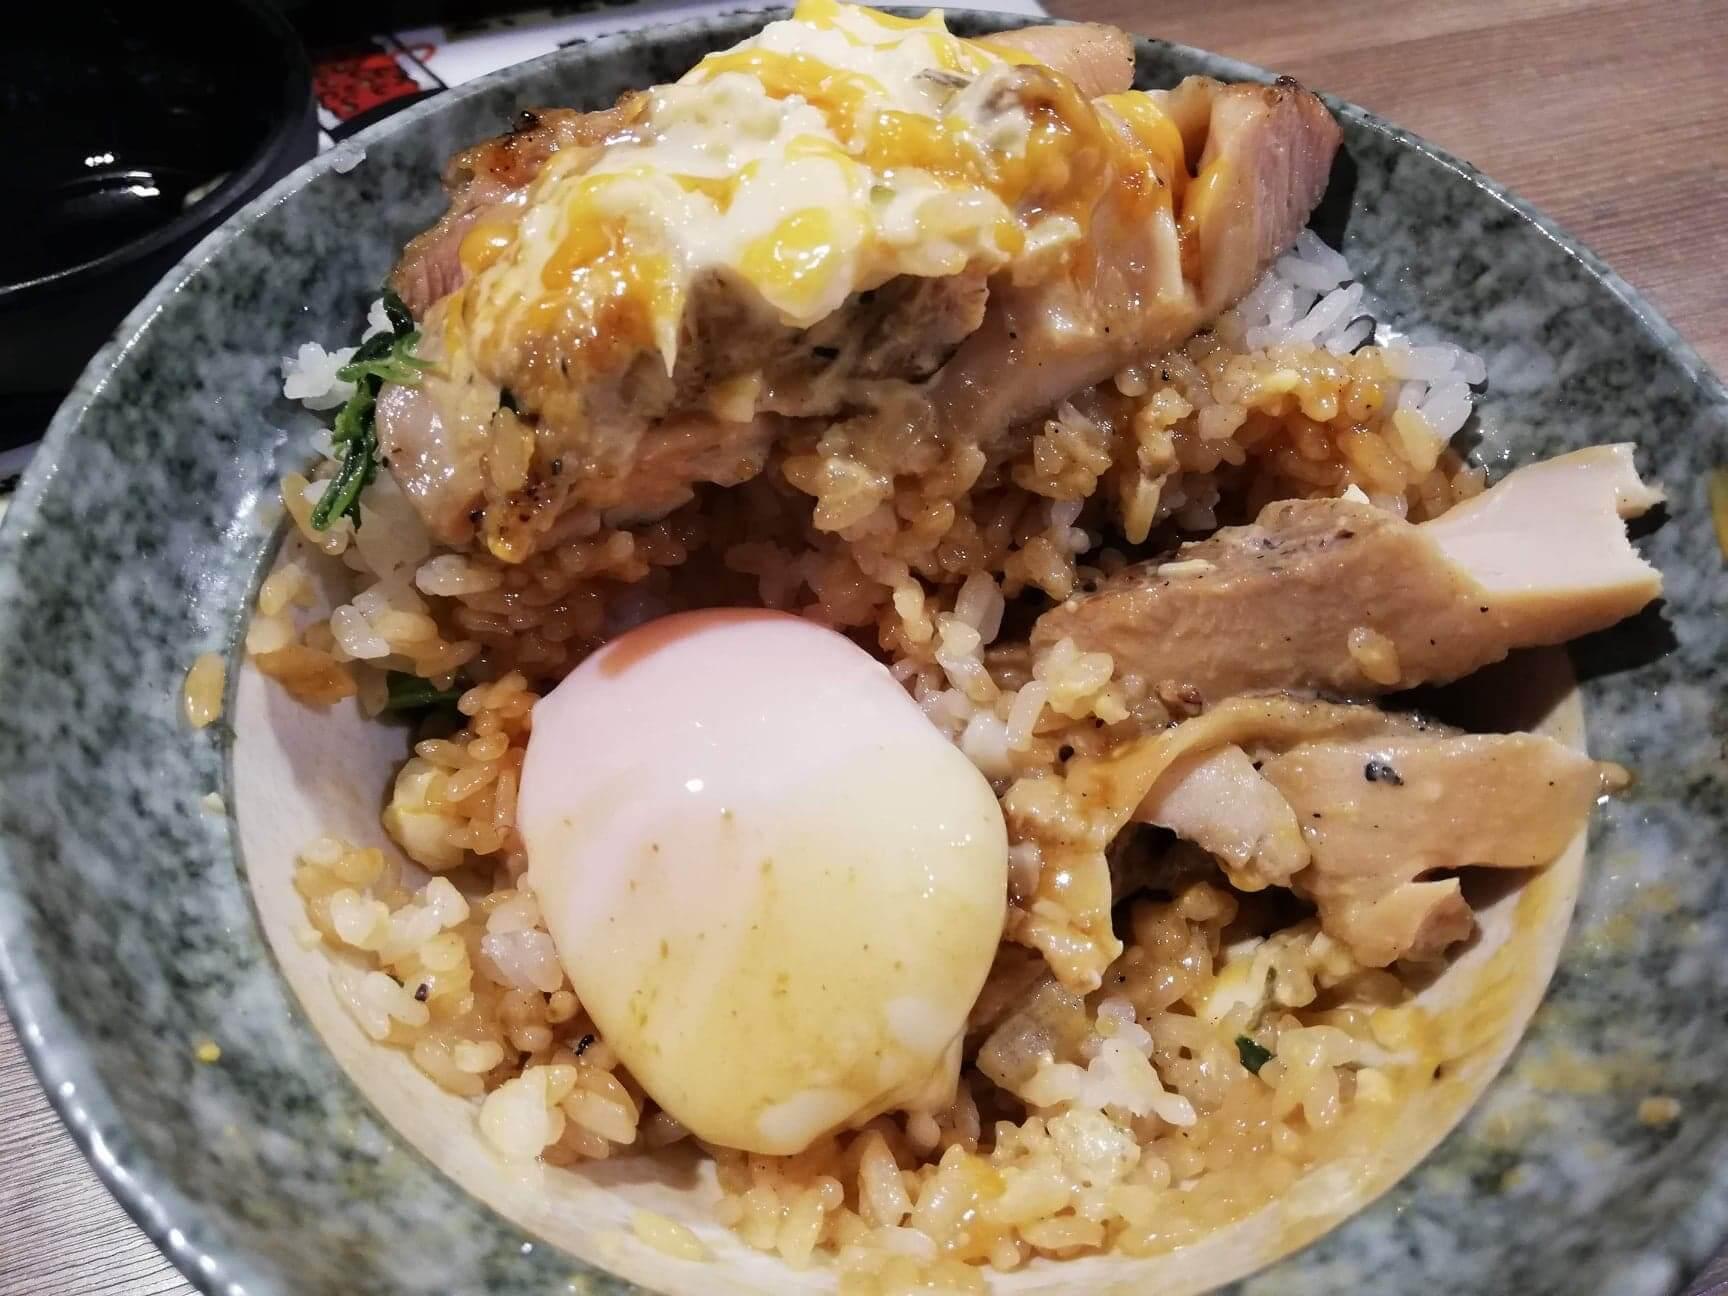 高田馬場(早稲田駅周辺)『どんぴしゃり』の炭焼鶏タル丼と温泉卵の写真